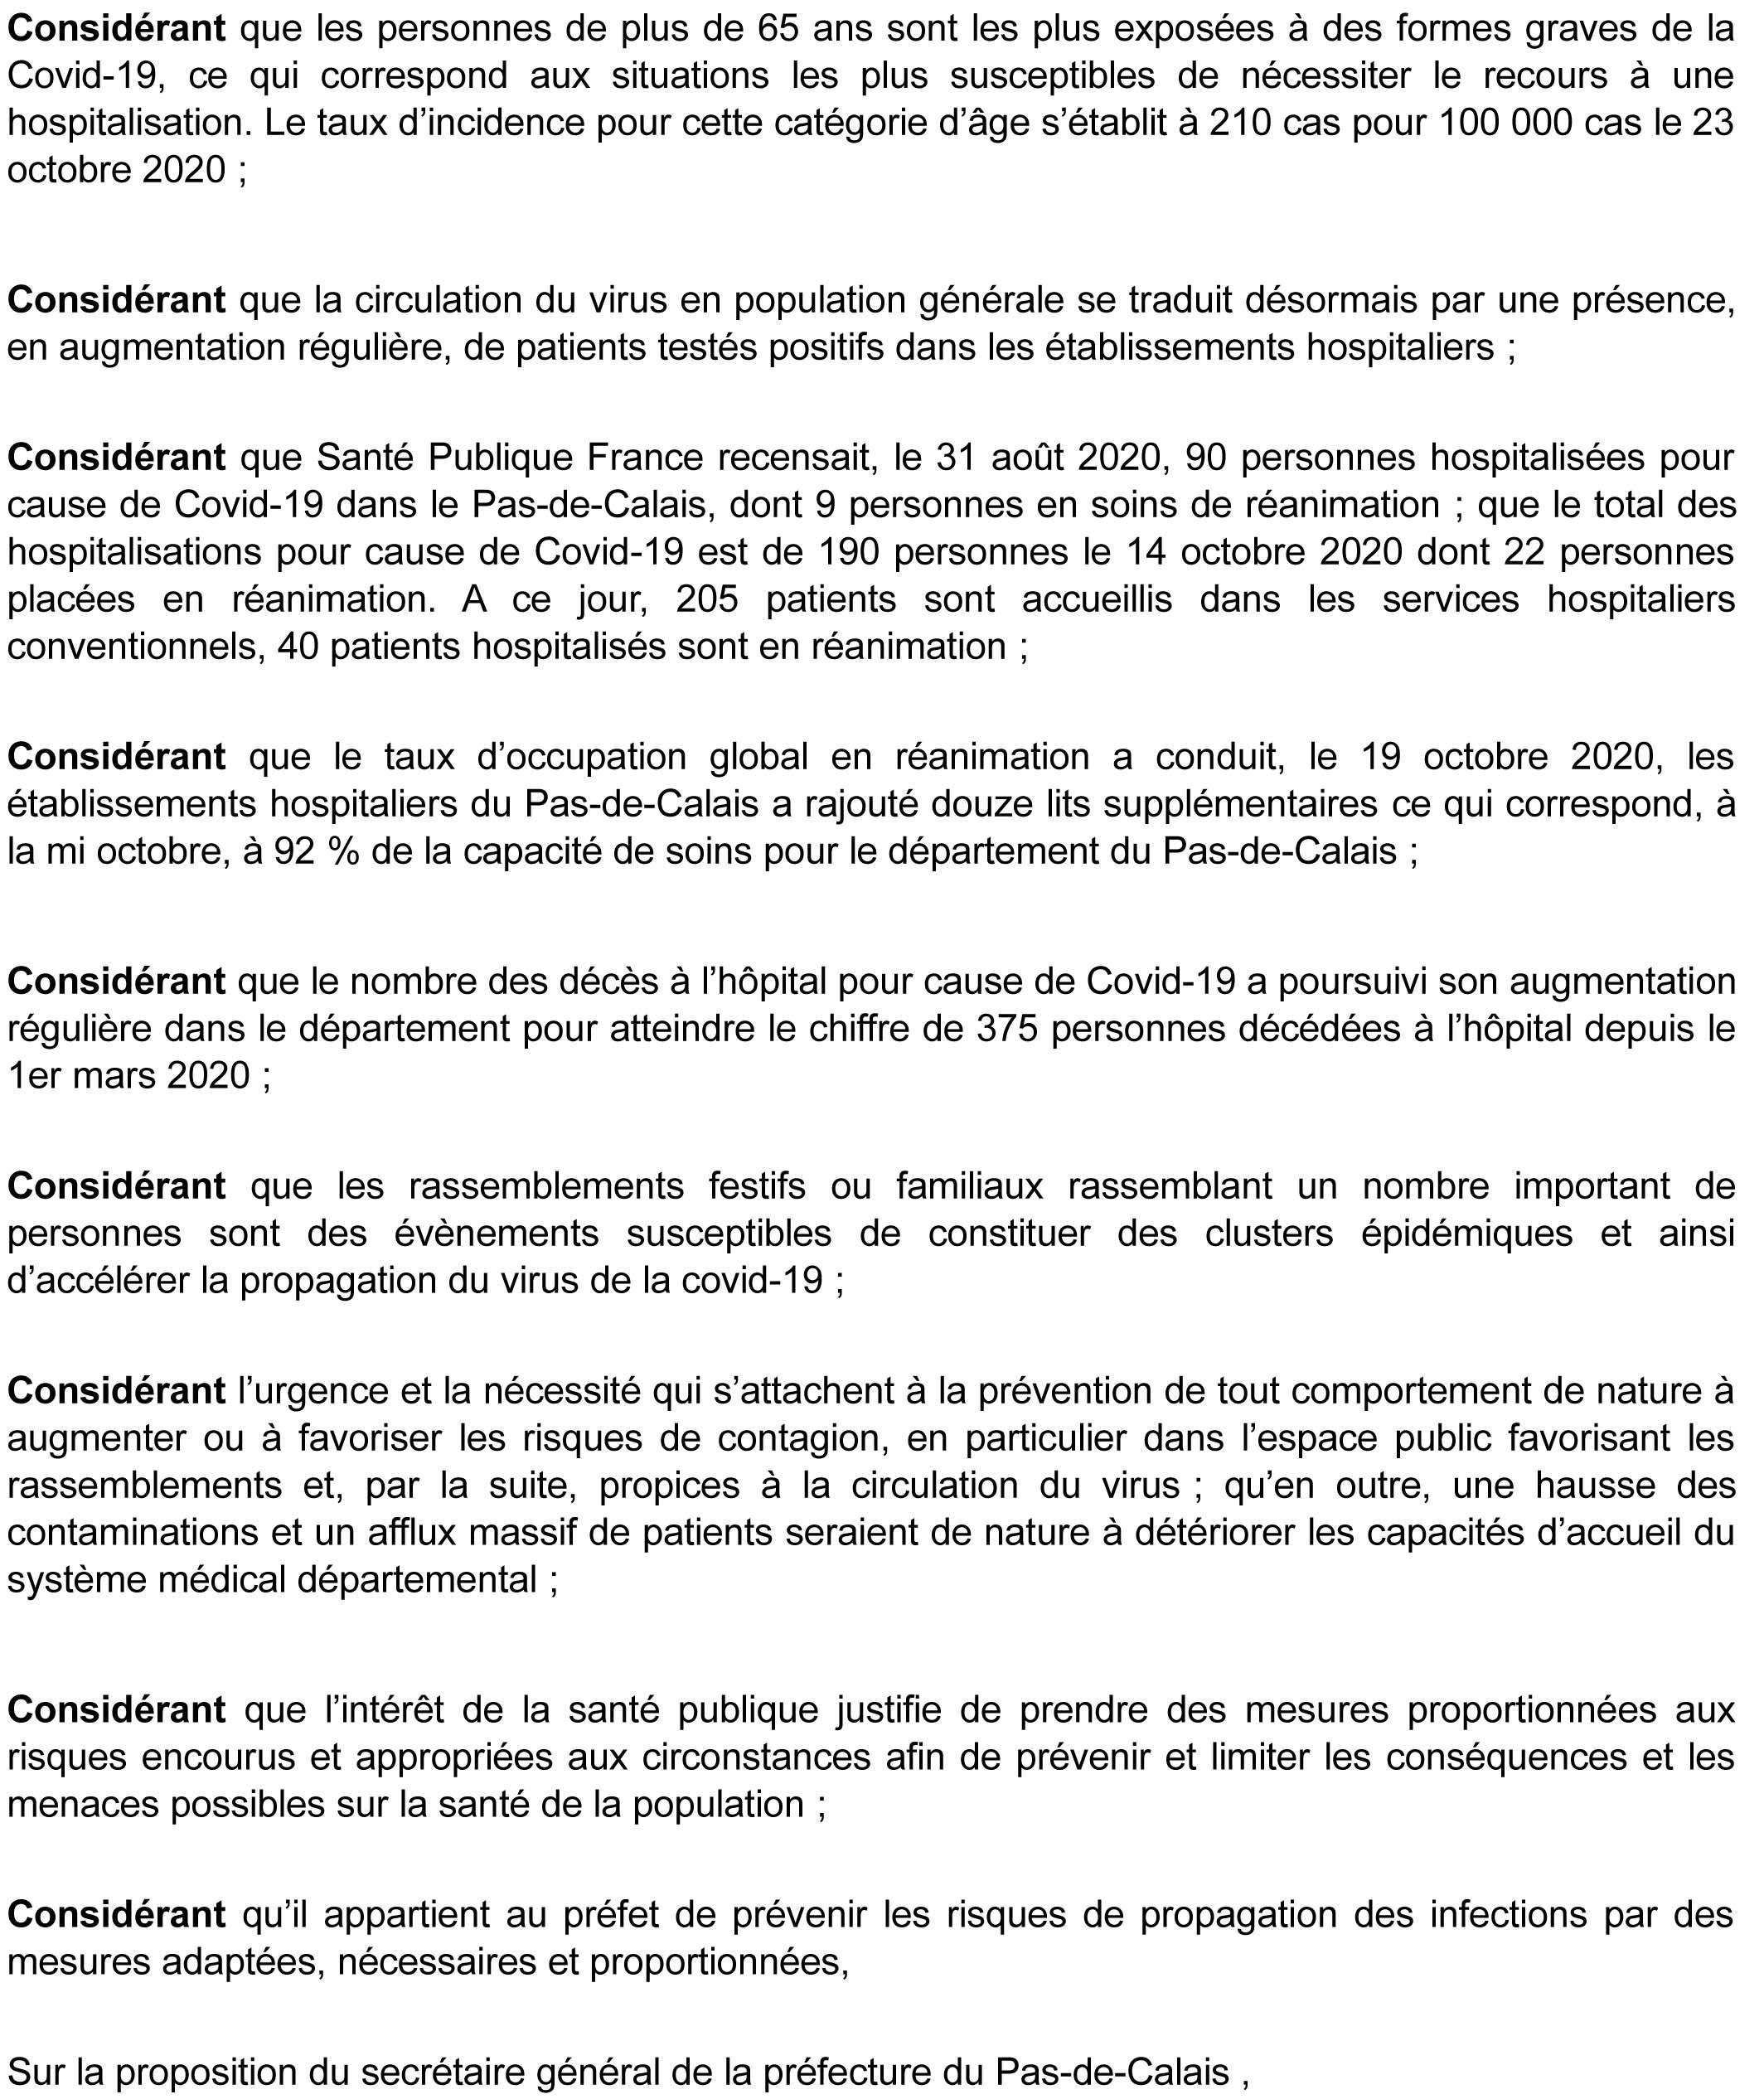 Arrete_prefectoral_du_24_octobre_2020-7